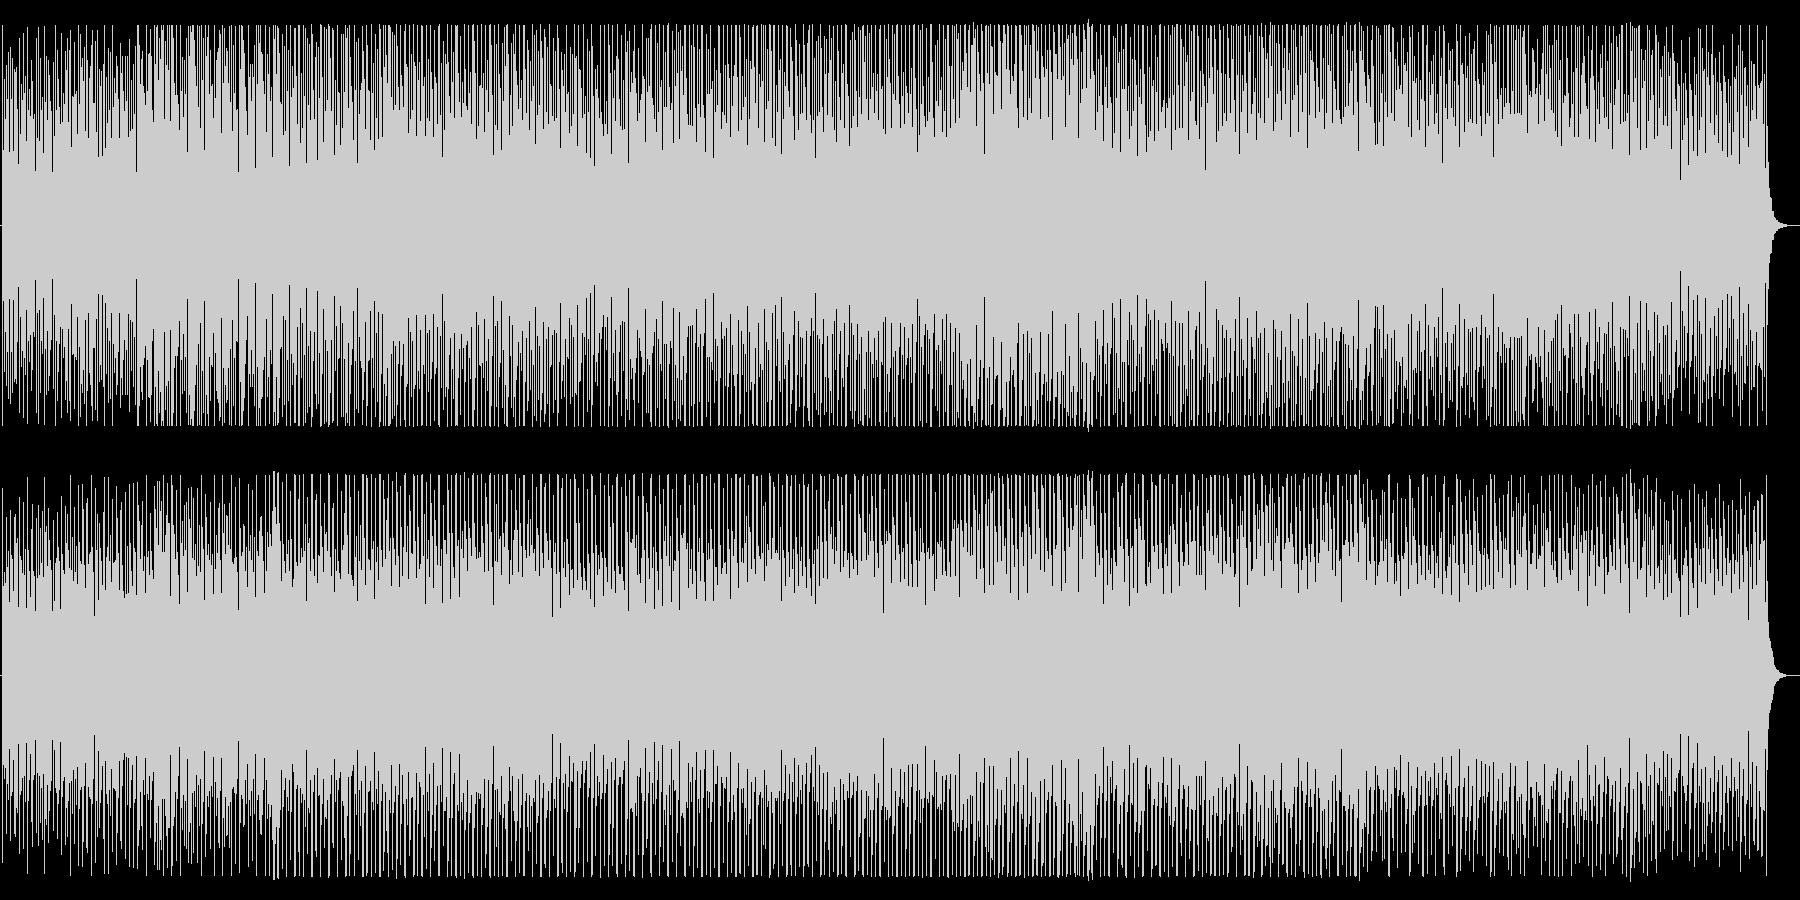 軽快で明るいトークBGM向けシンセ曲の未再生の波形